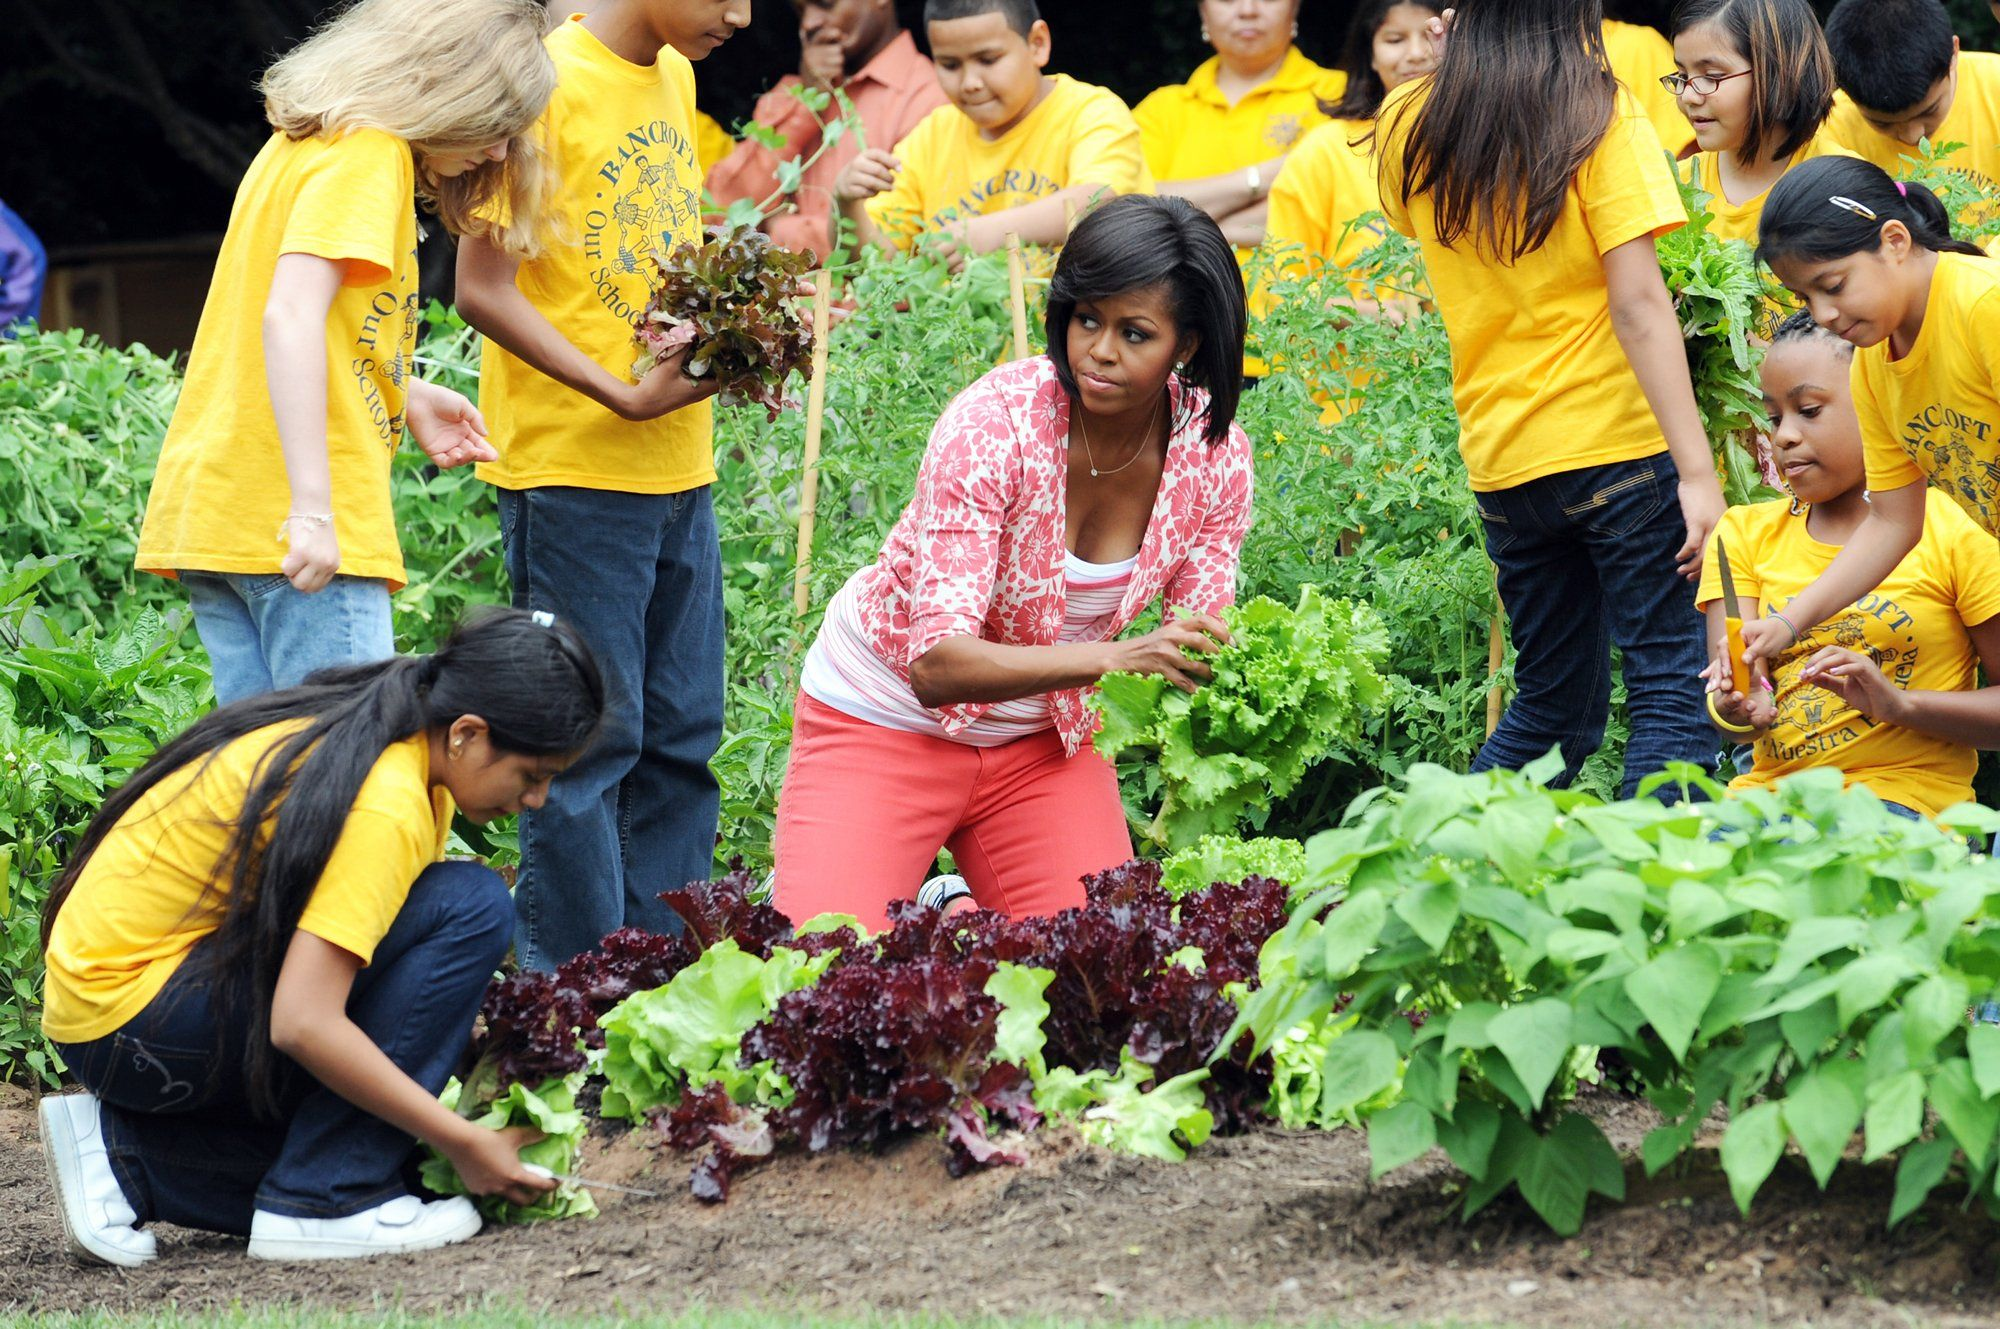 Картинки по запросу Michelle Obama's vegetable garden